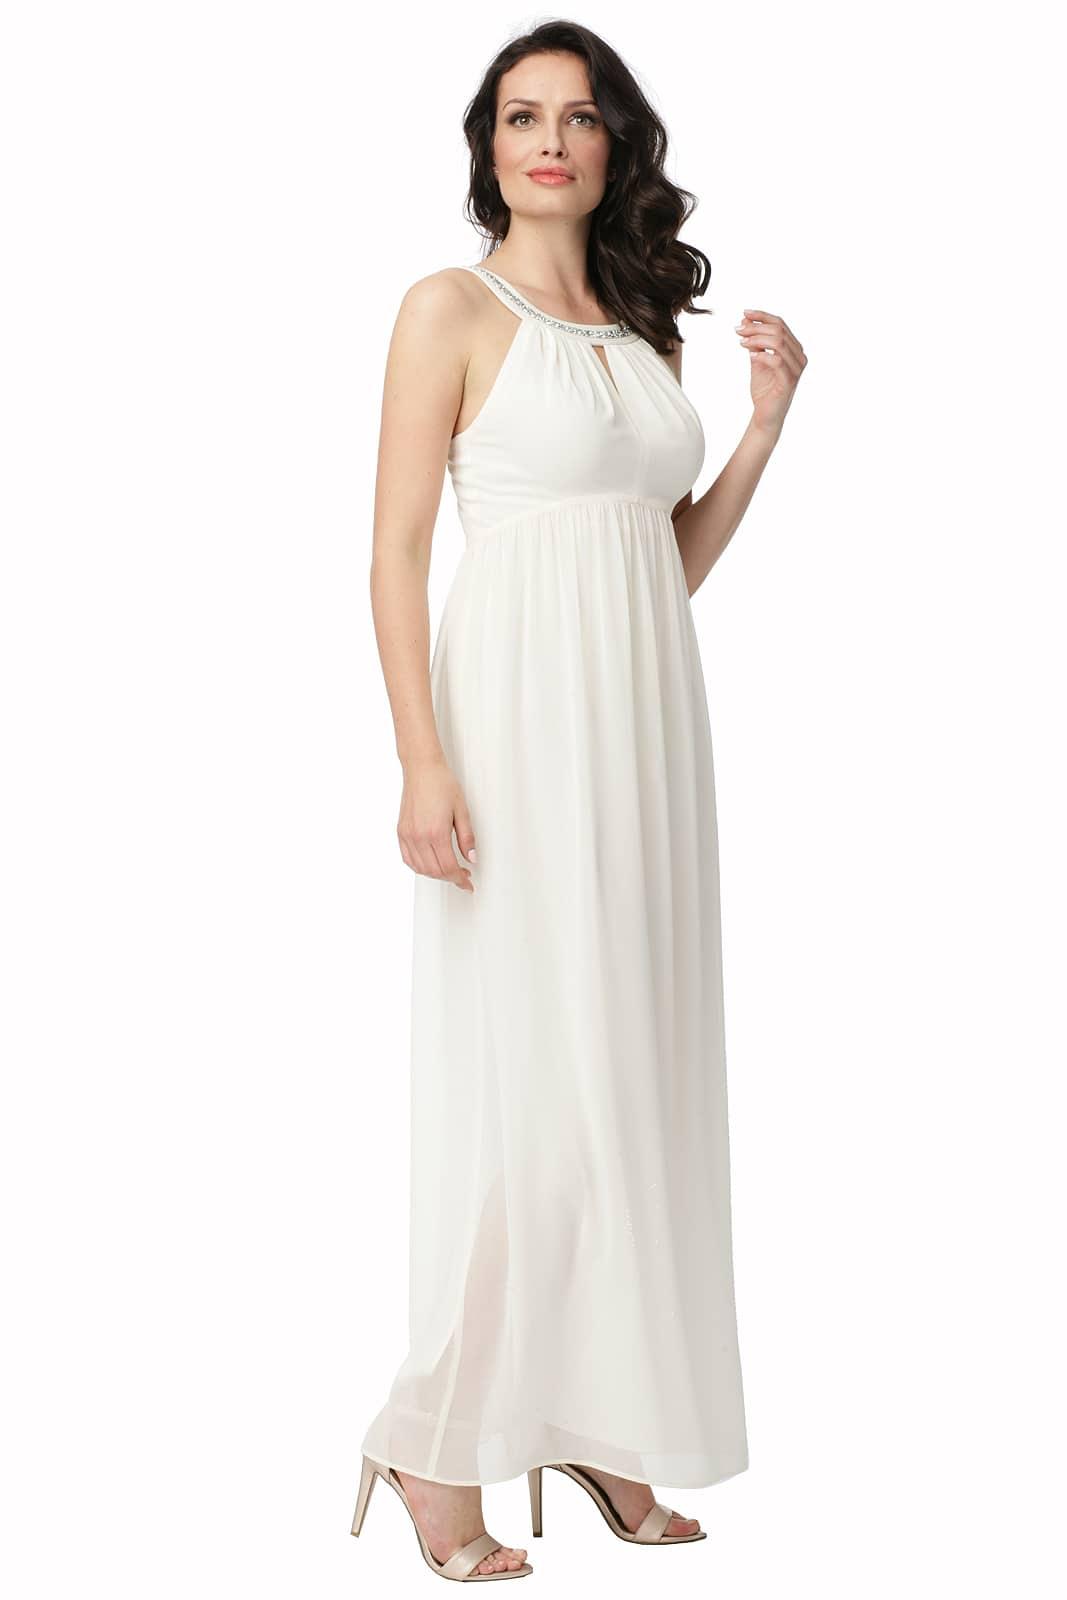 d3b273de97 Długa sukienka kremowa z ozdobną taśmą Lukrecja - Modesta - ponad 30 ...